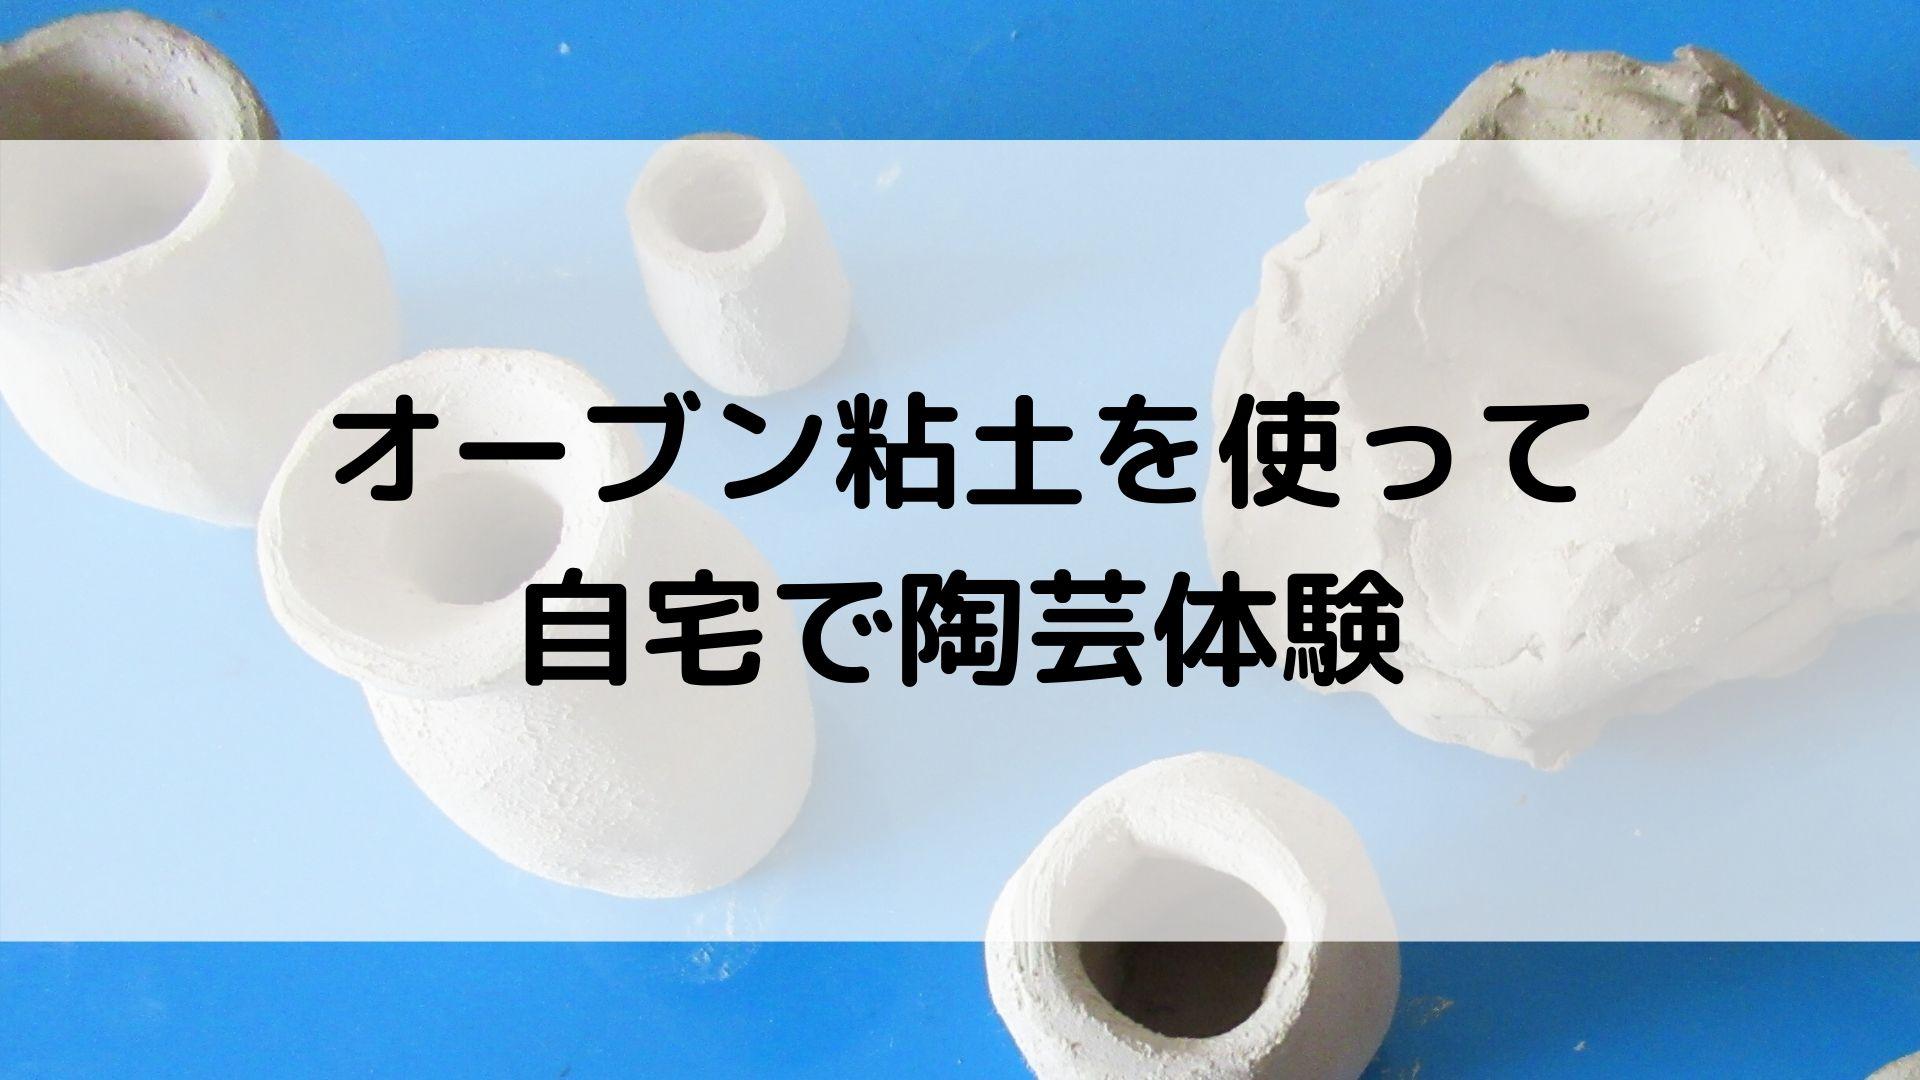 オーブン粘土 自宅 陶芸体験